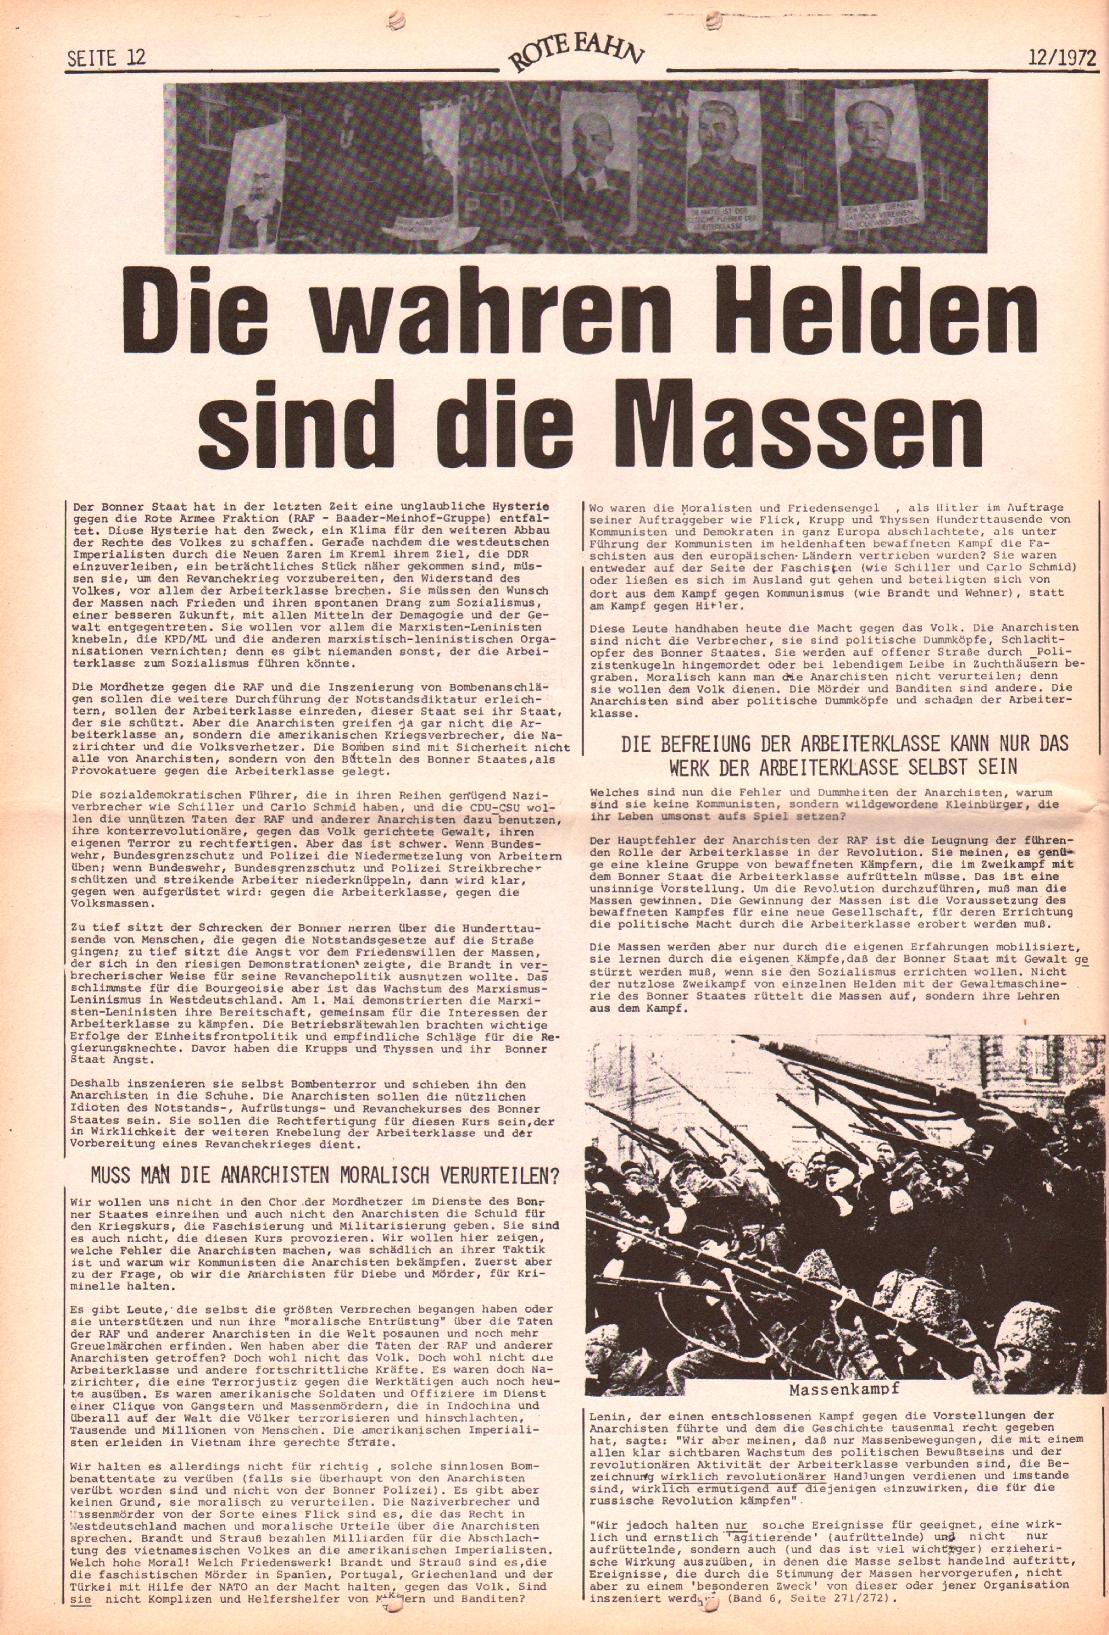 Rote Fahne, 3. Jg., 12.6.1972, Nr. 12, Seite 12